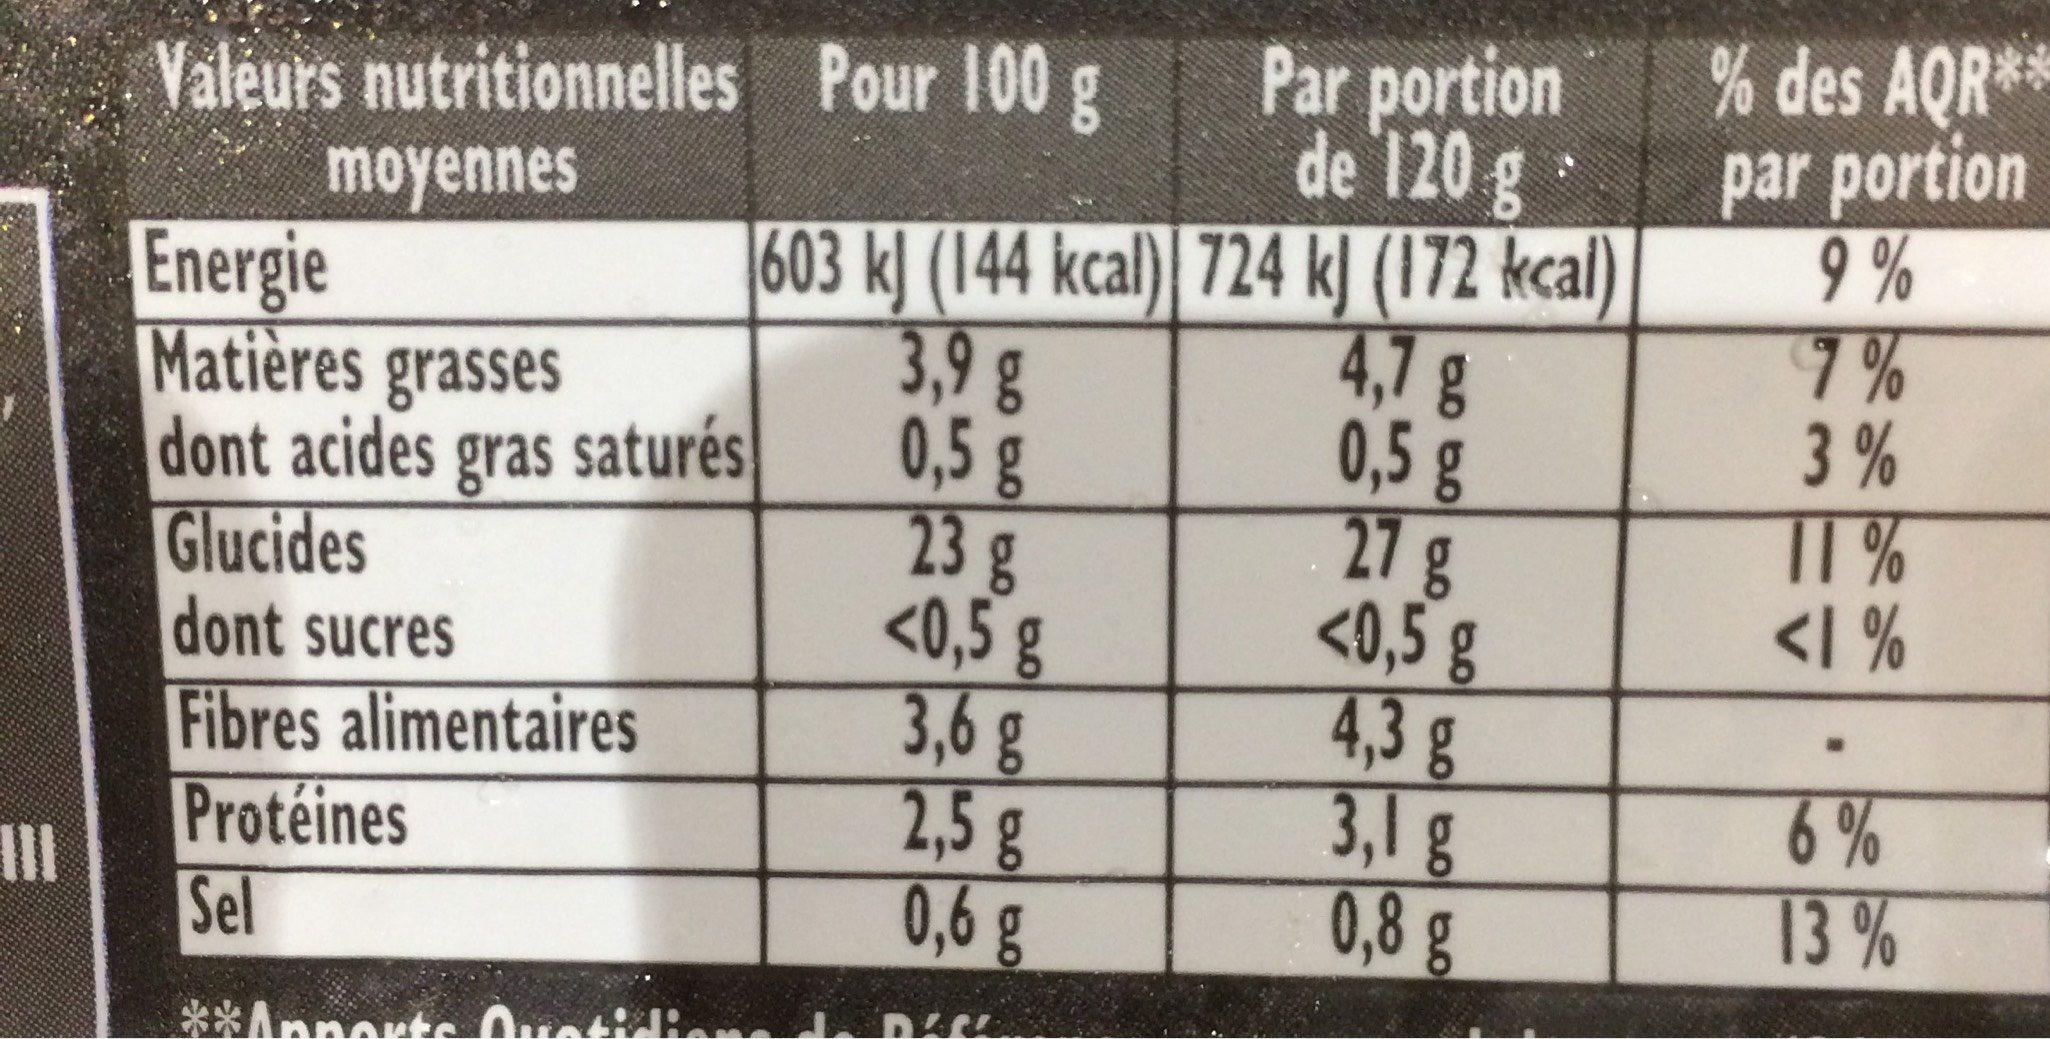 Findus frites au four la classique 600 g - Informations nutritionnelles - fr